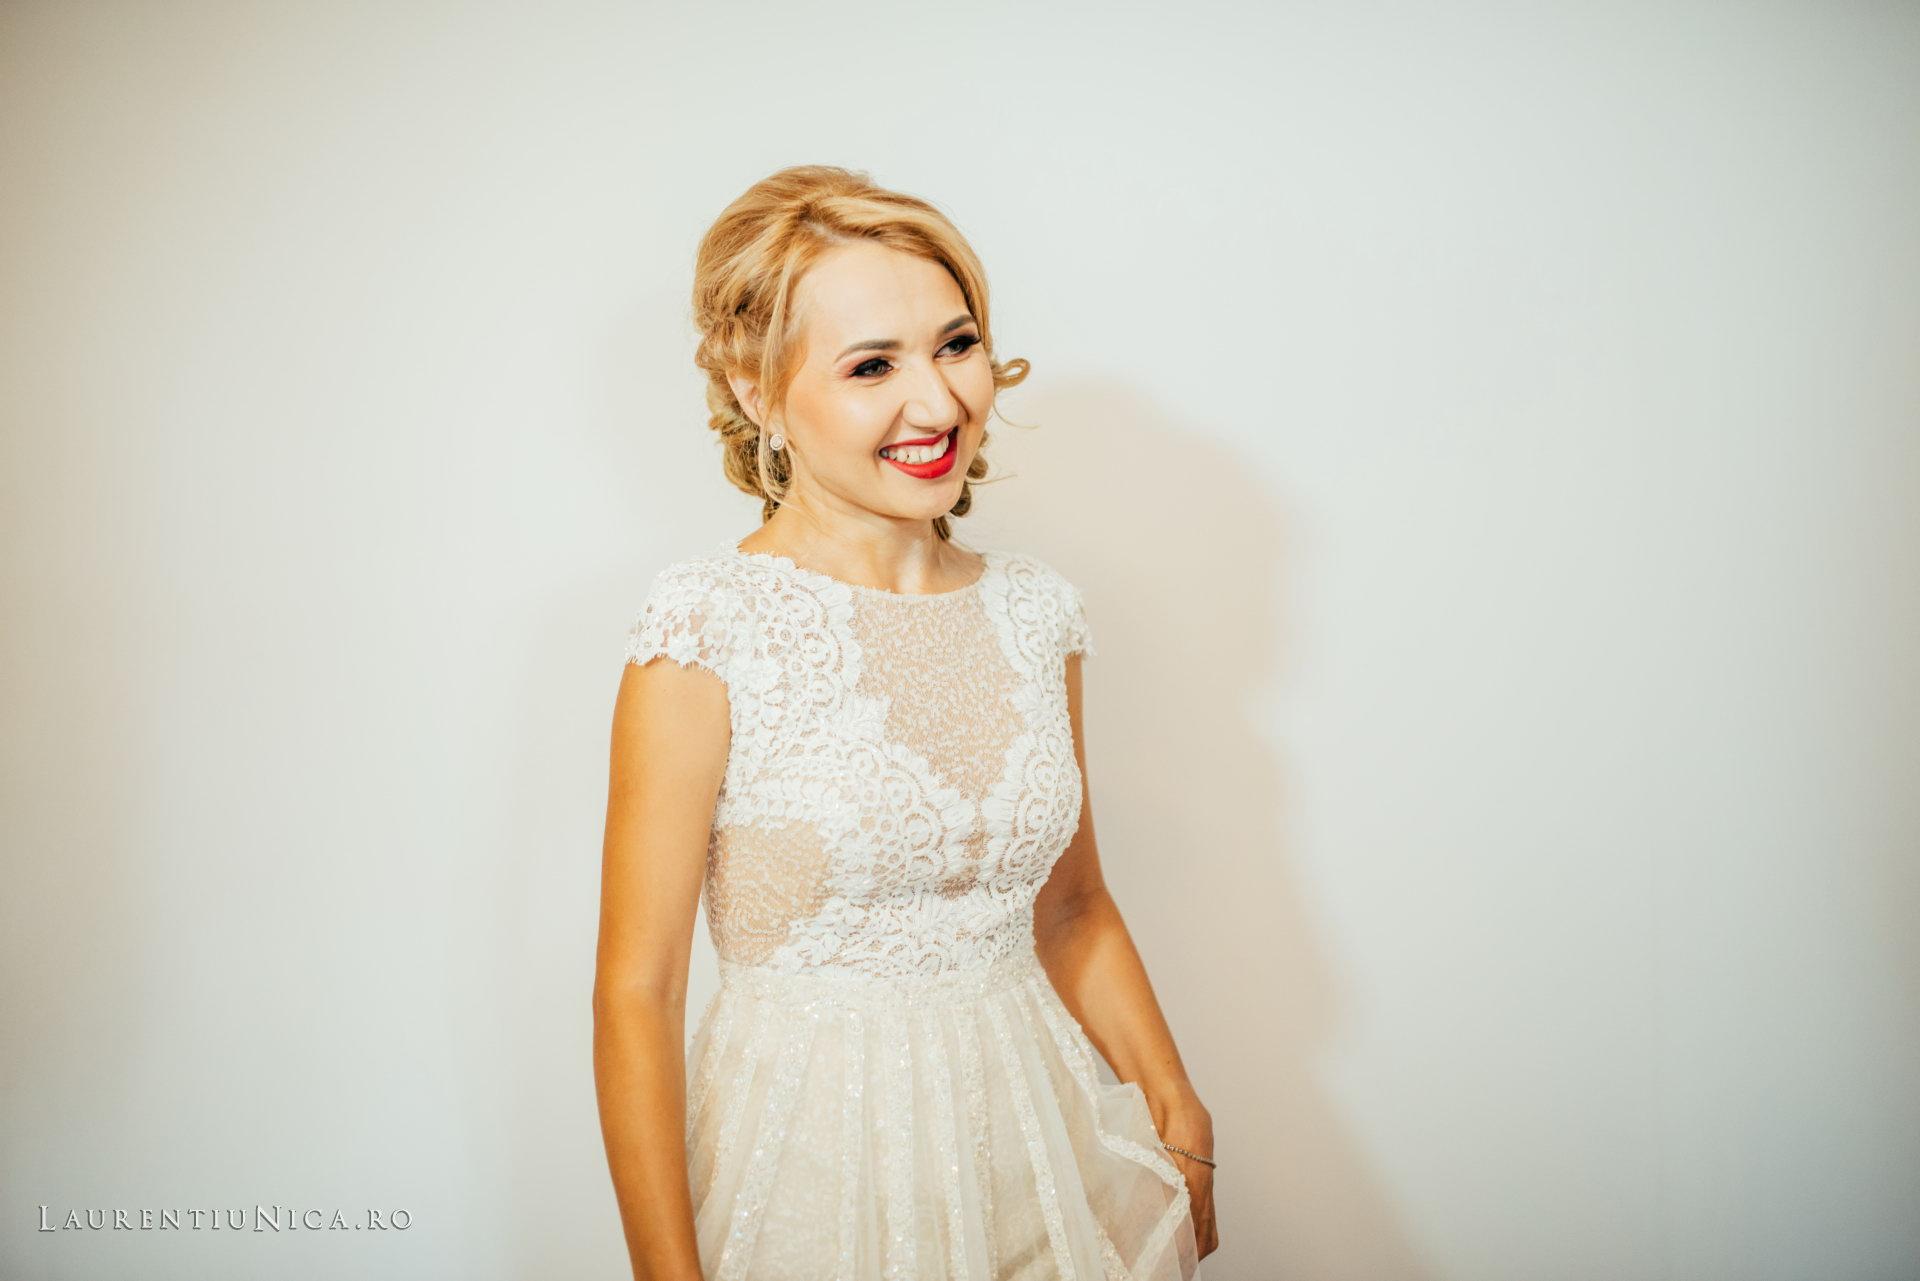 alina si razvan craiova fotograf nunta laurentiu nica31 - Alina & Razvan | Fotografii nunta